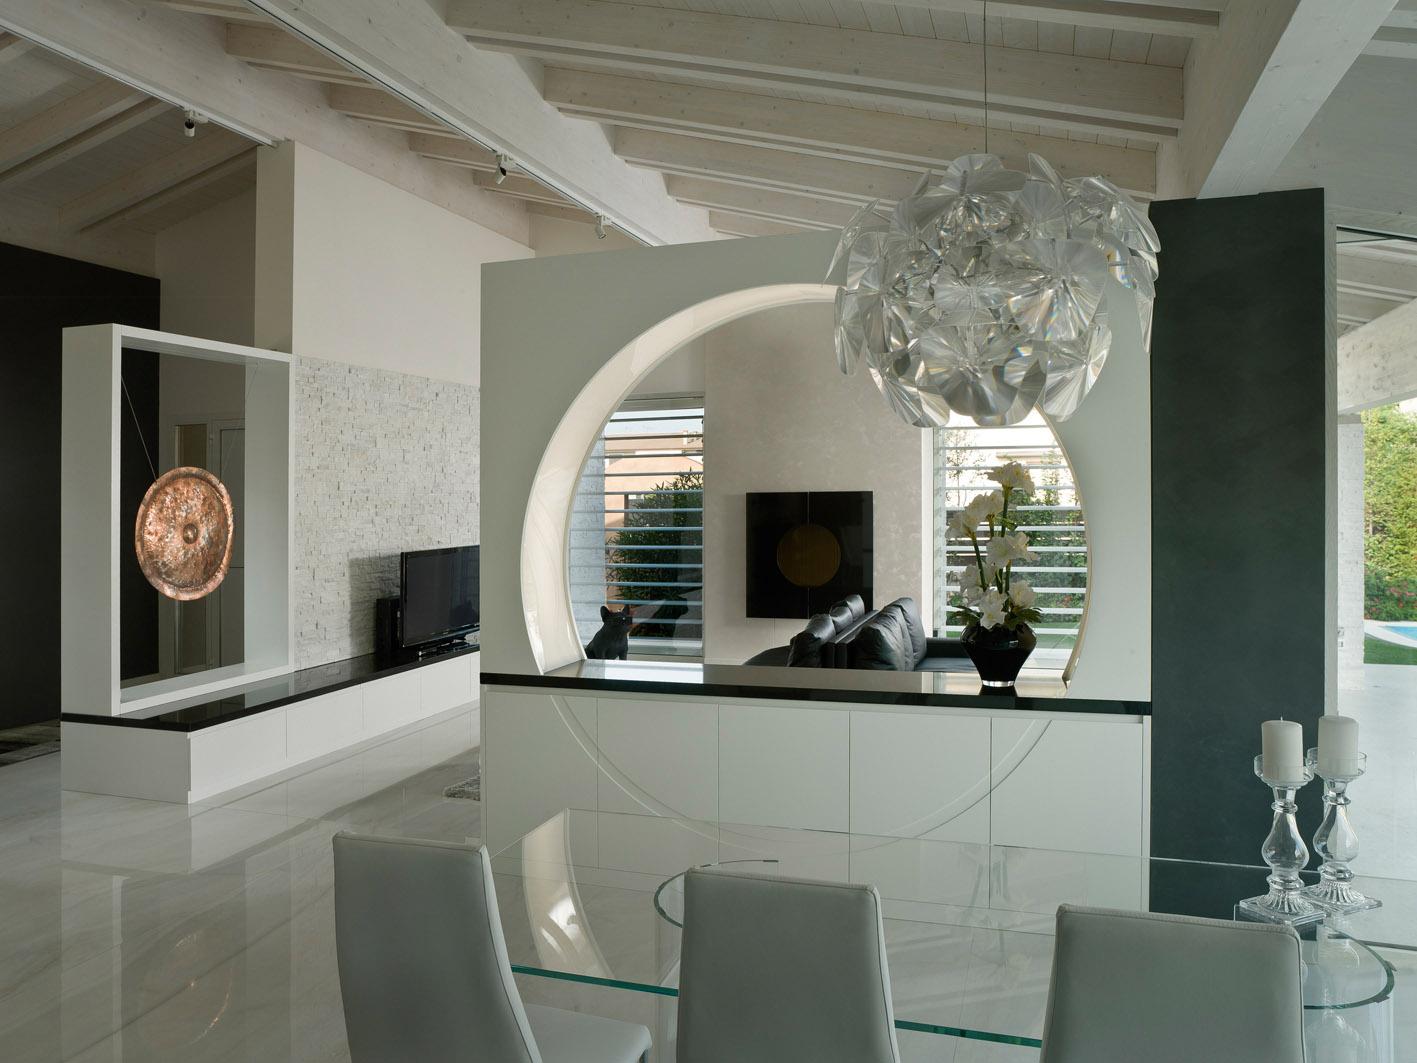 living moderno MG architettura d'interni simone casarotto design marmo nero marquinia gong tibetano